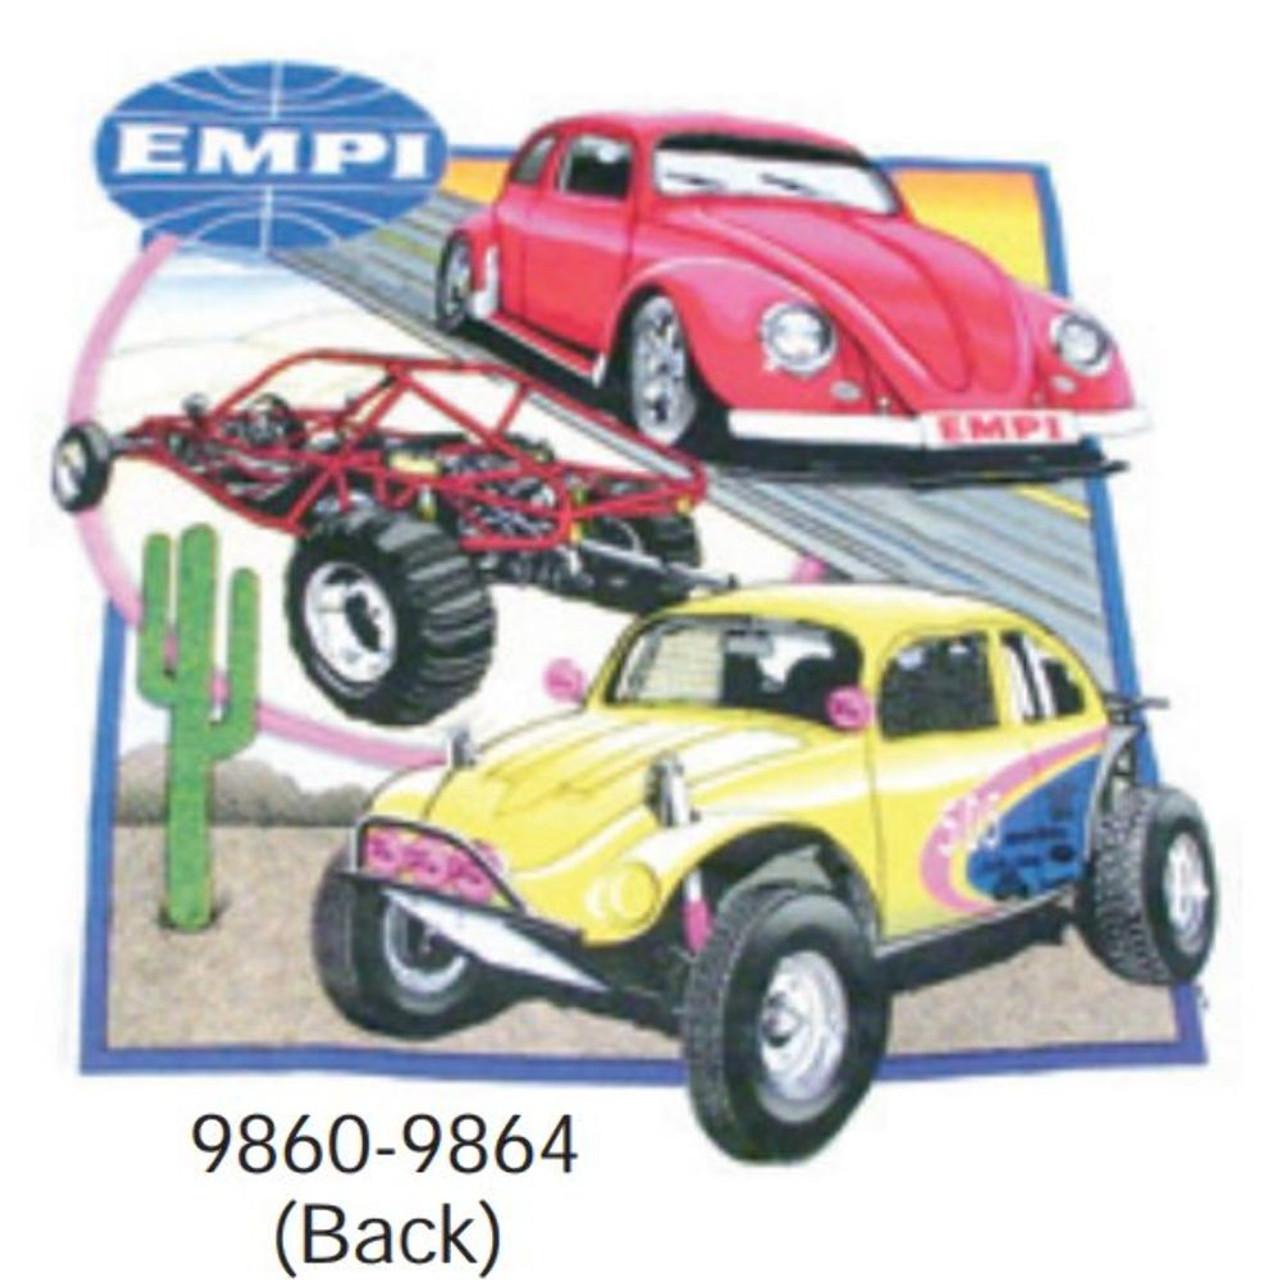 00-9863-0 EMPI T-SHIRT, XTRA LARGE